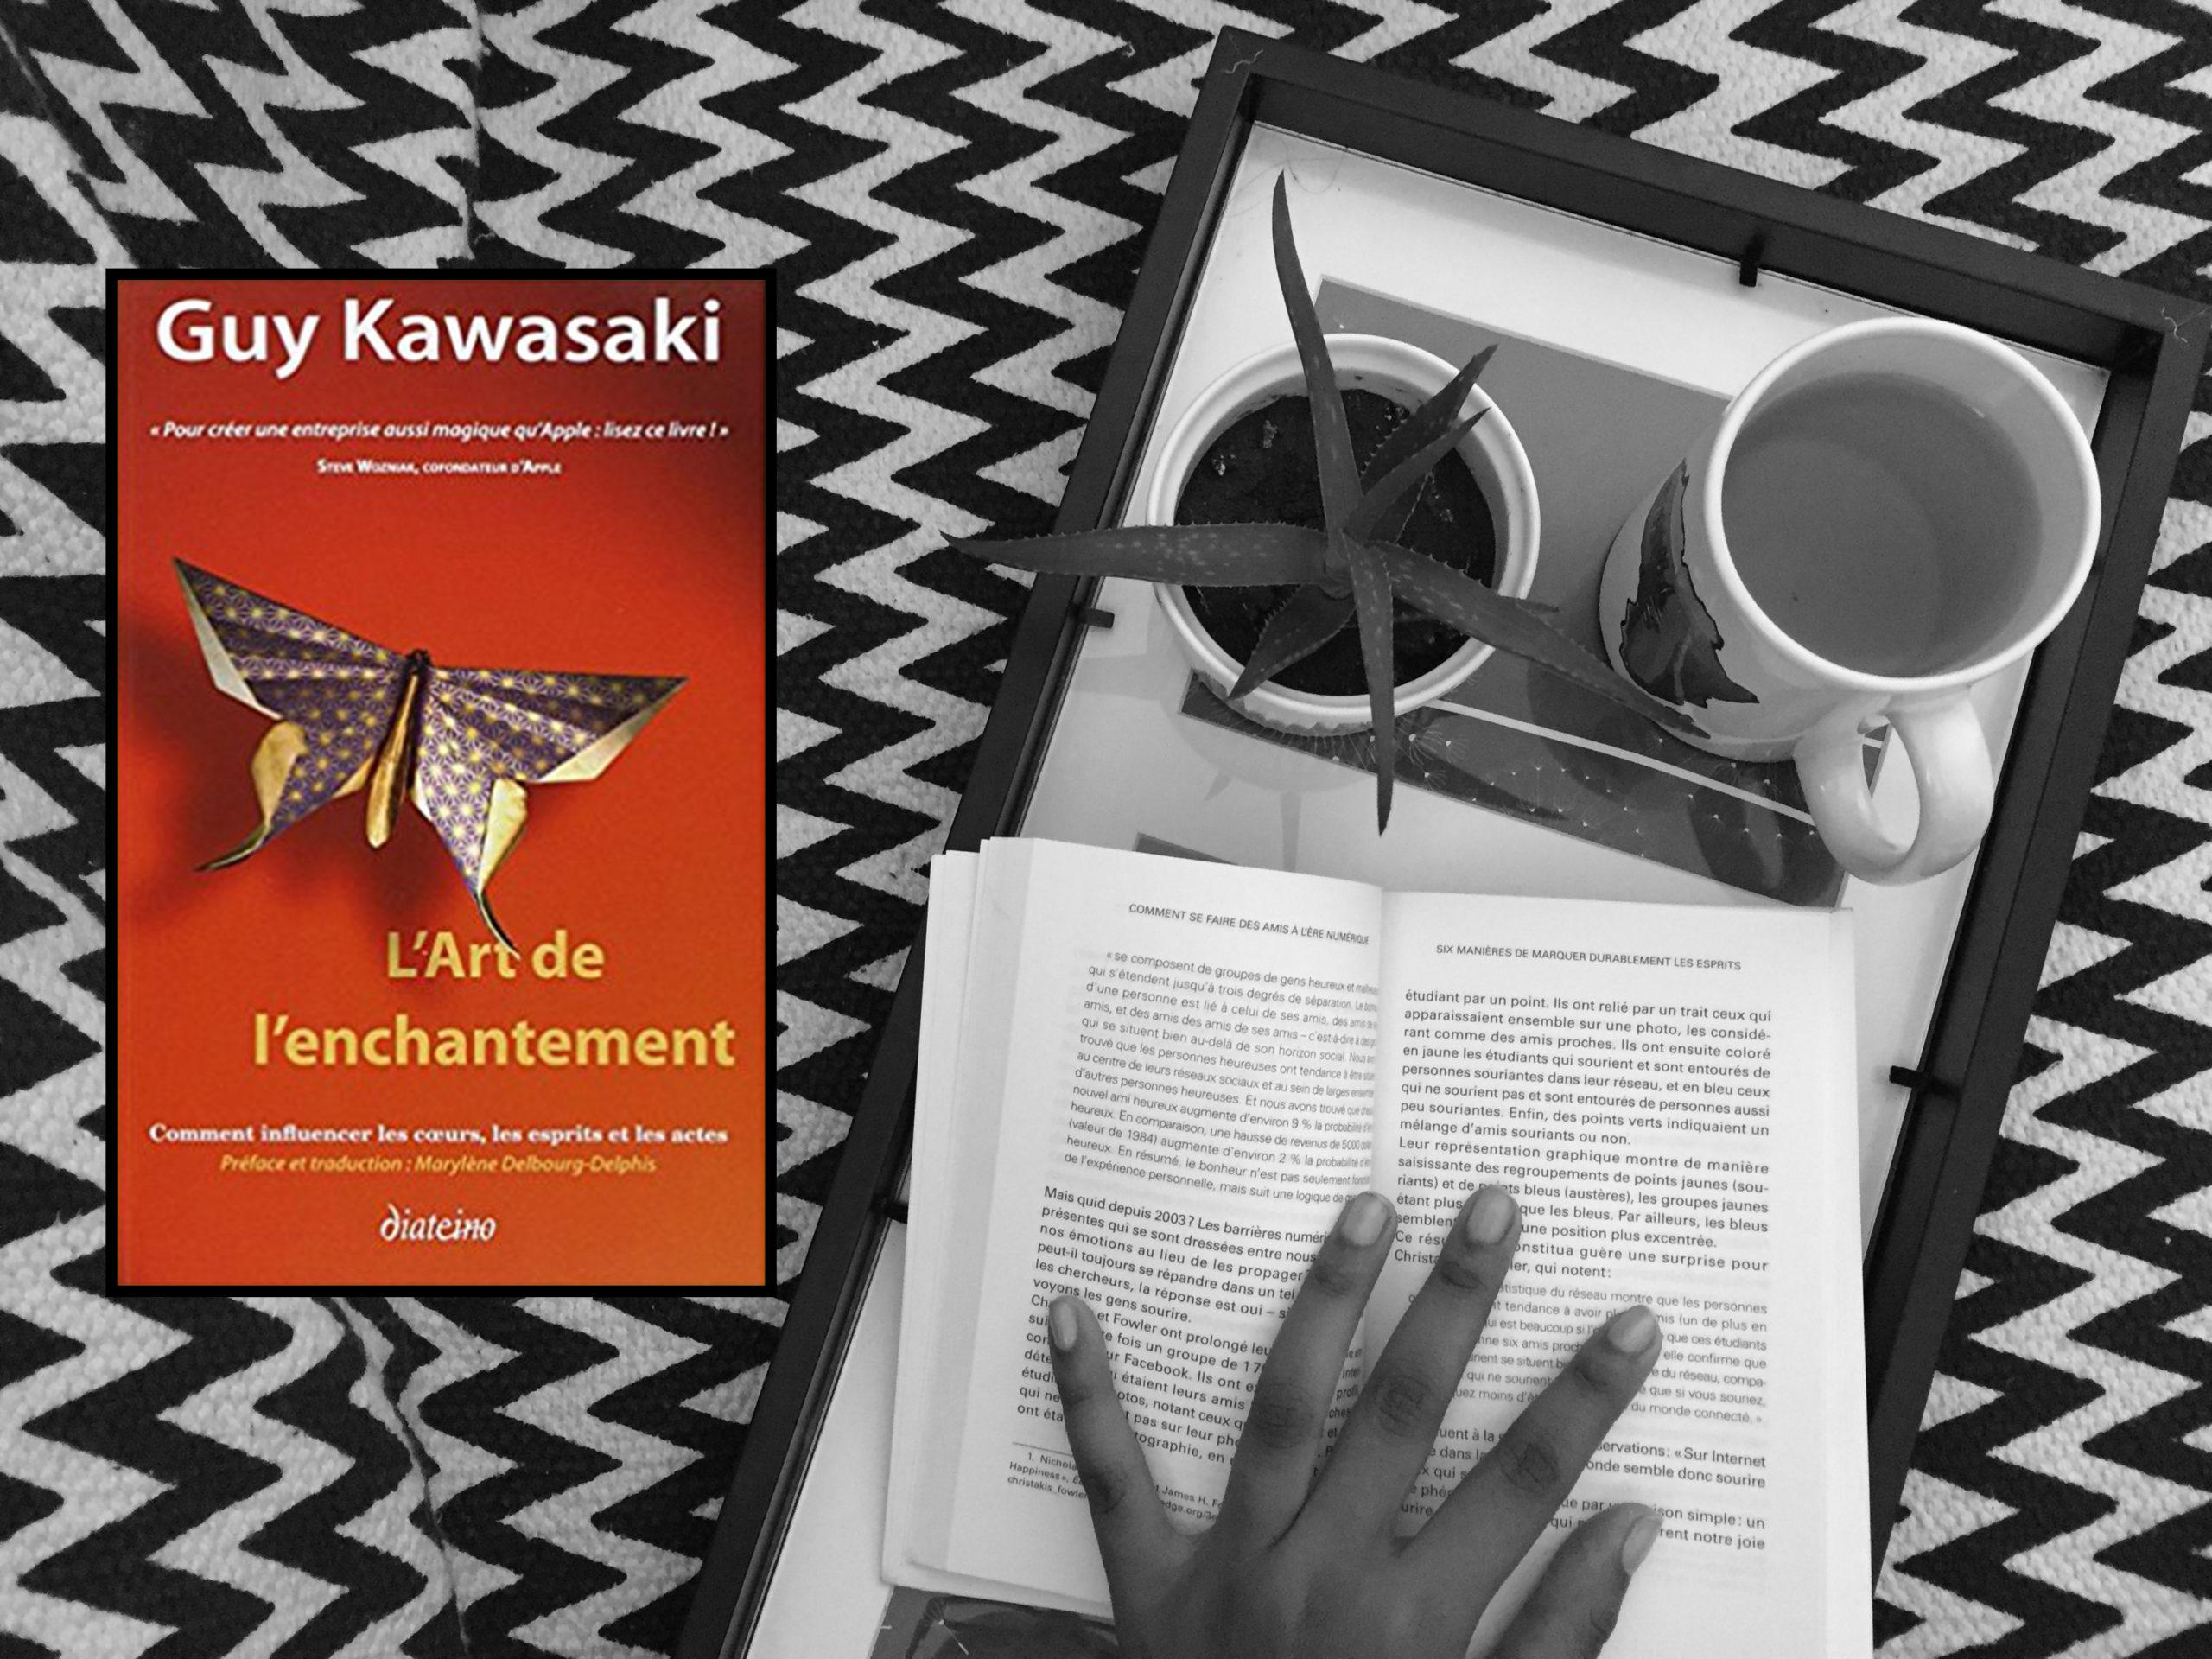 L'Art de l'enchantement de Guy Kawasaki où comment influencer les coeurs, les esprits et les actes